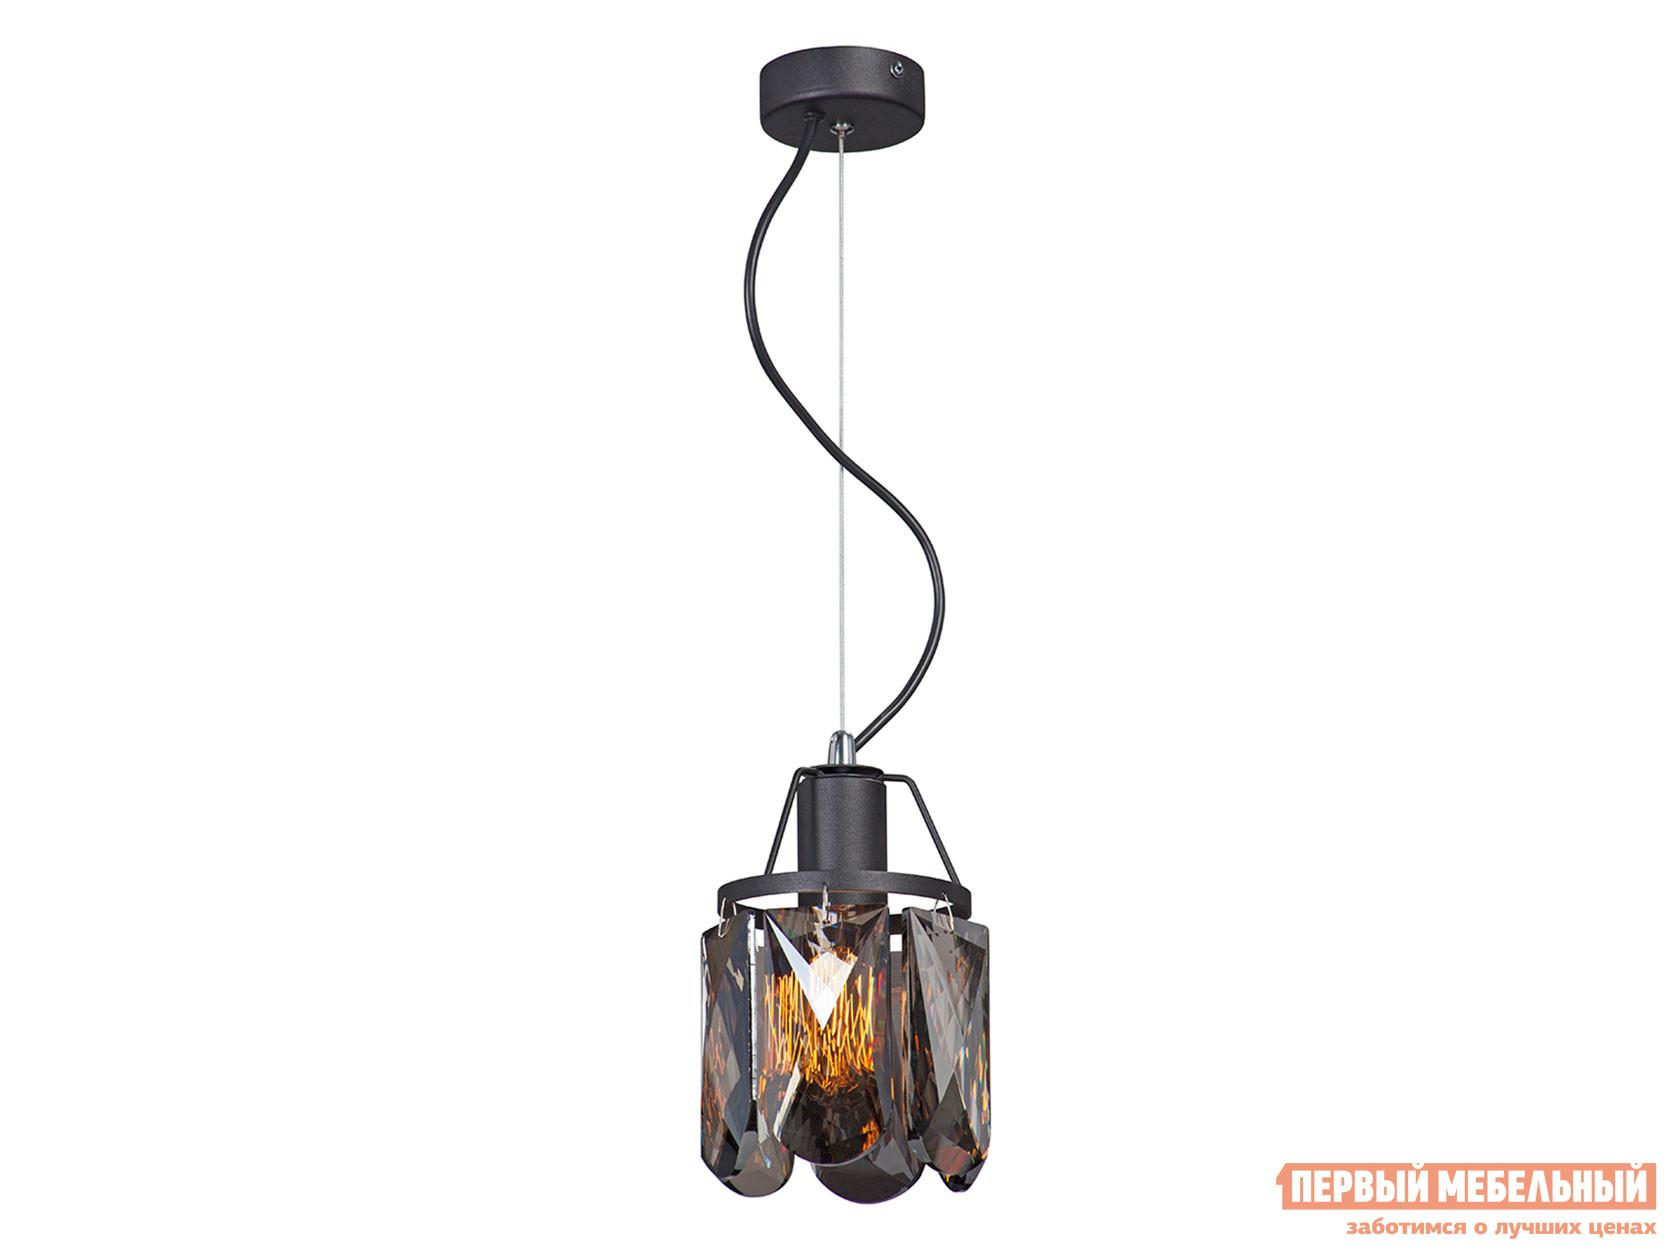 Подвесной светильник КСК-электро Люстра V5328-1/1S, Люстра V5328-9/1S